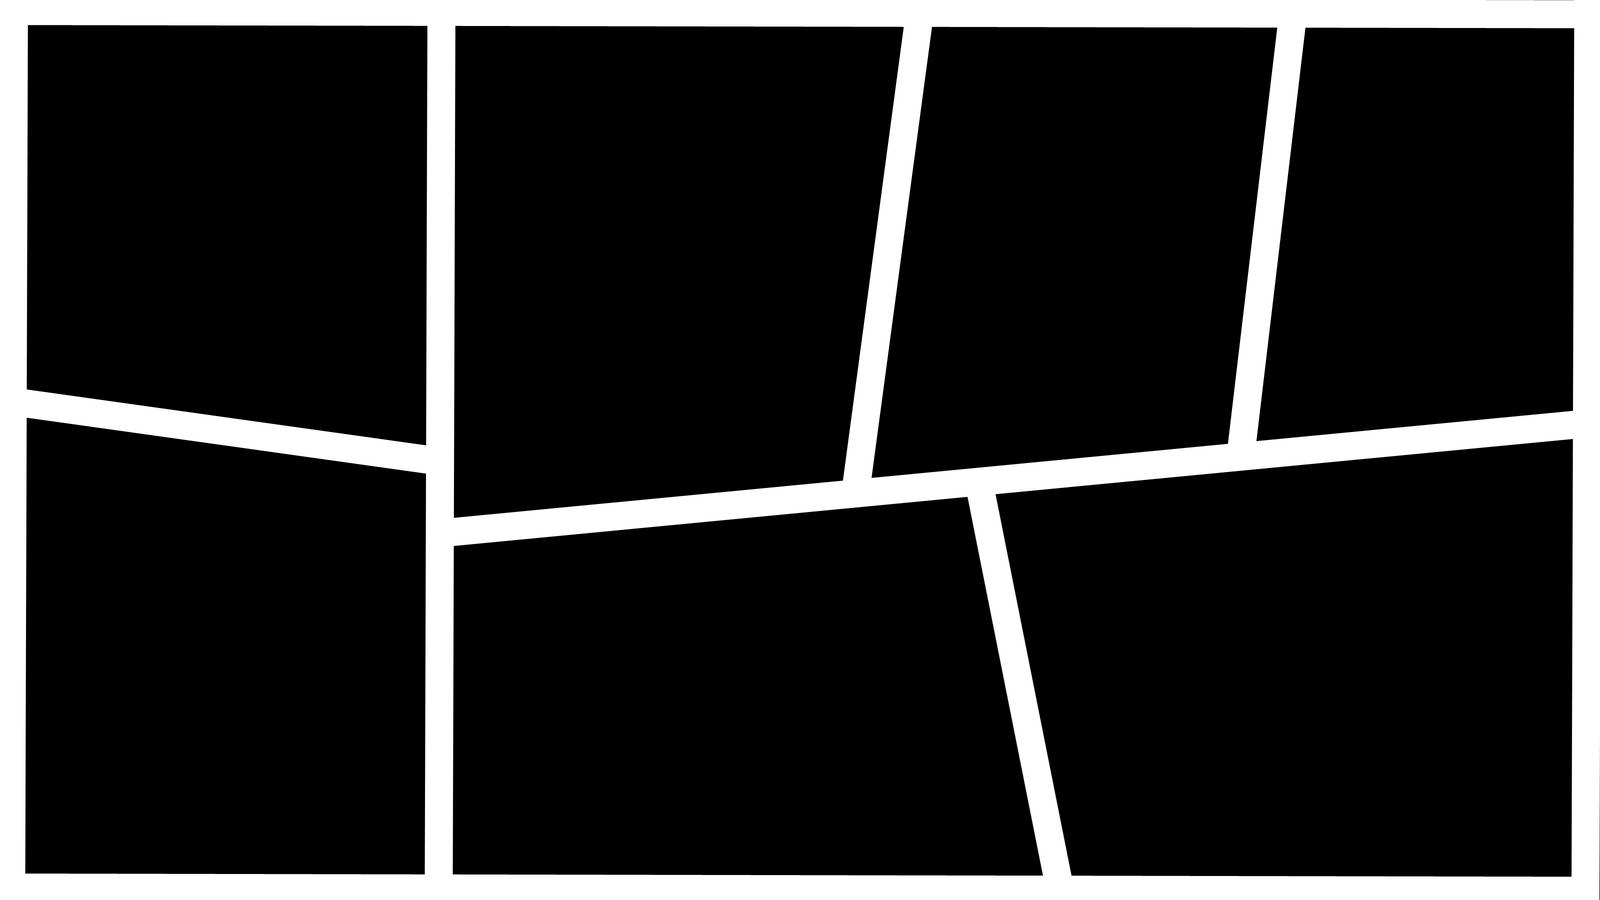 comic frame by zarodas on deviantart. Black Bedroom Furniture Sets. Home Design Ideas